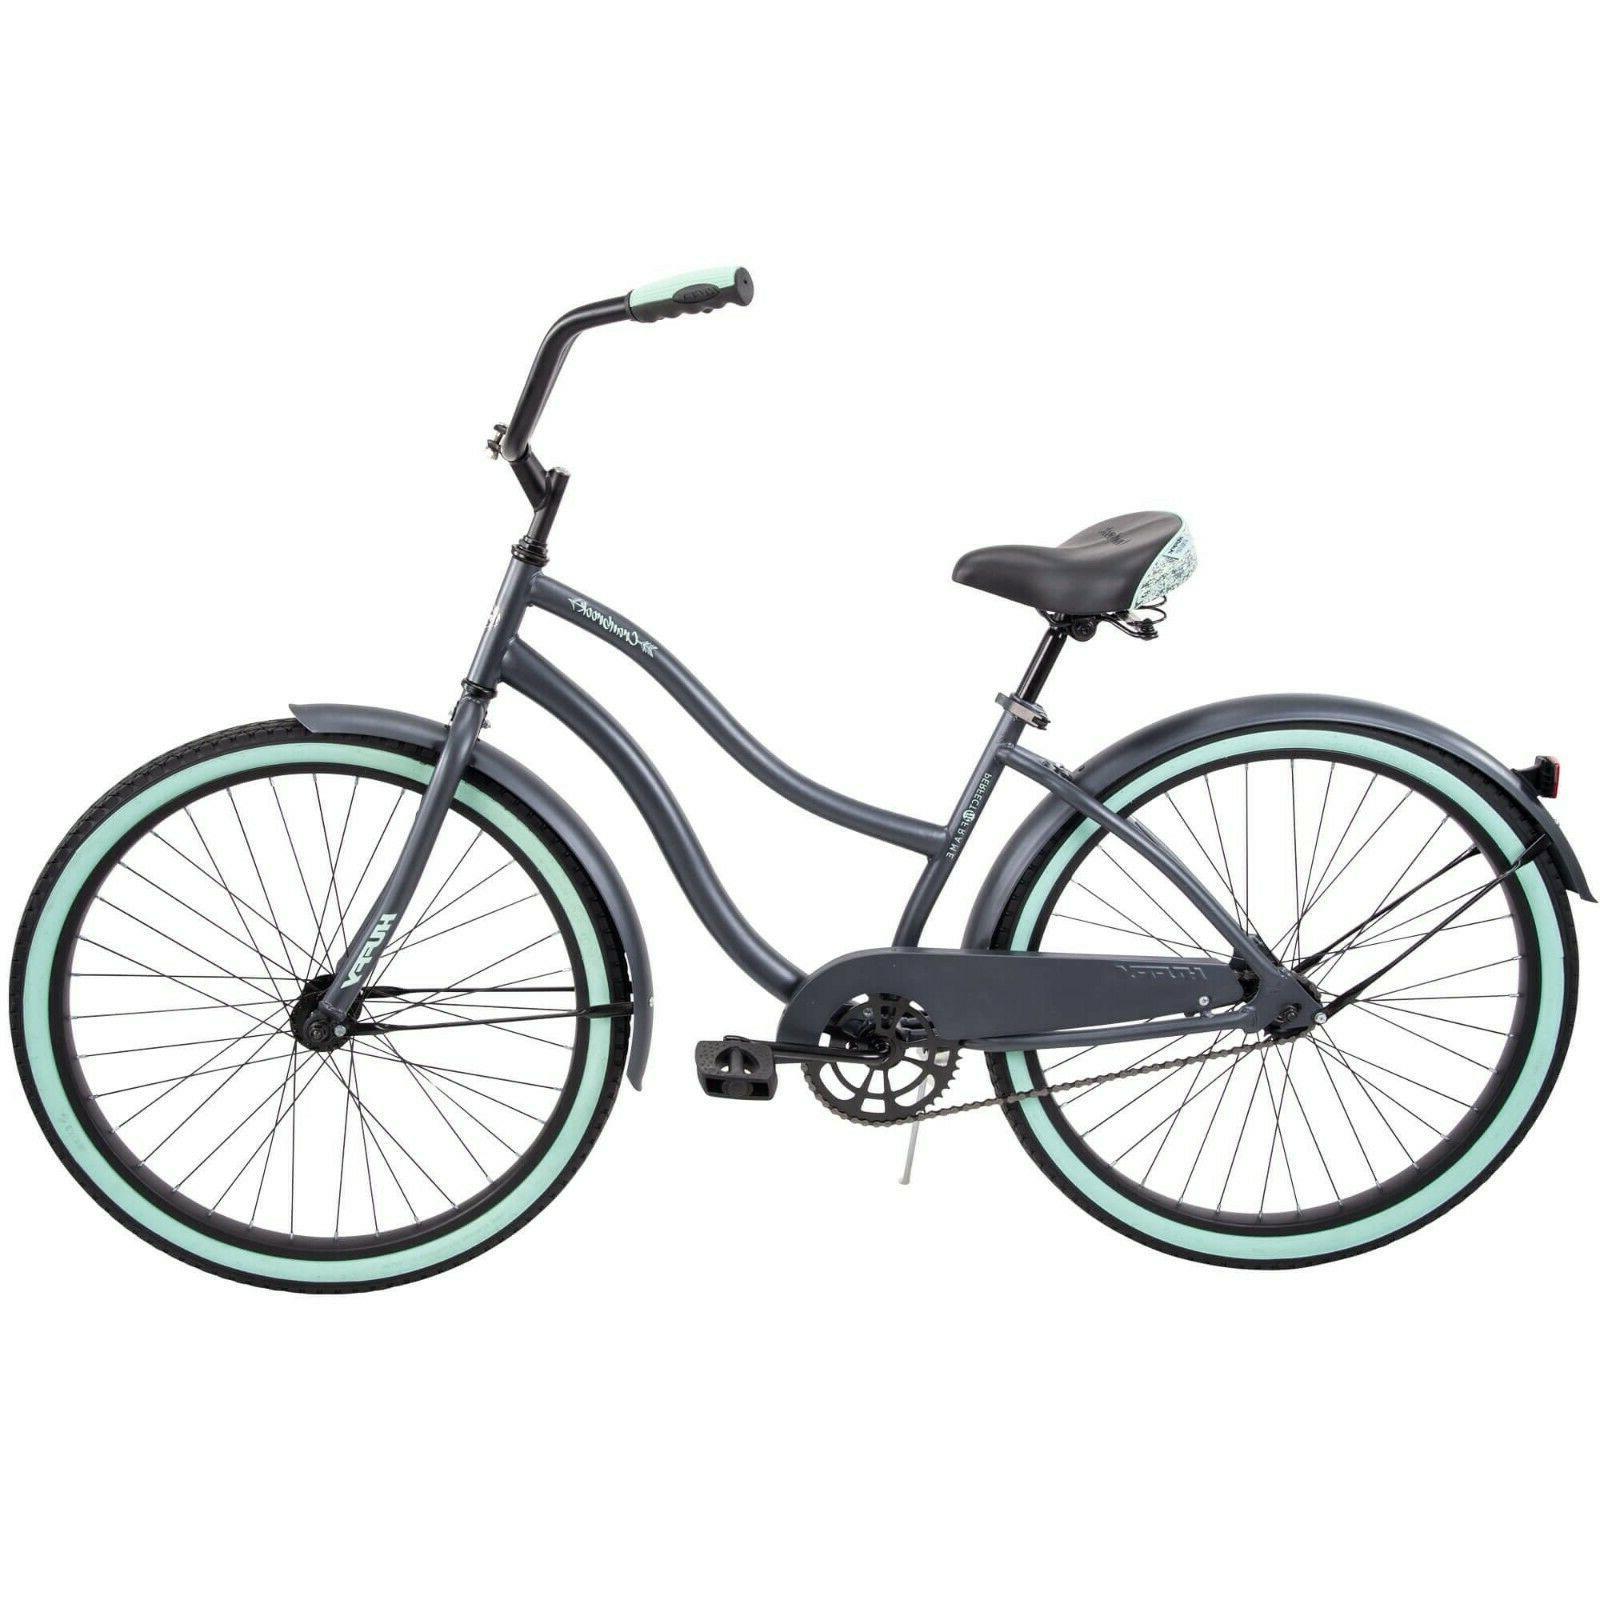 Huffy Cranbrook Women's Cruiser wheels - Gray